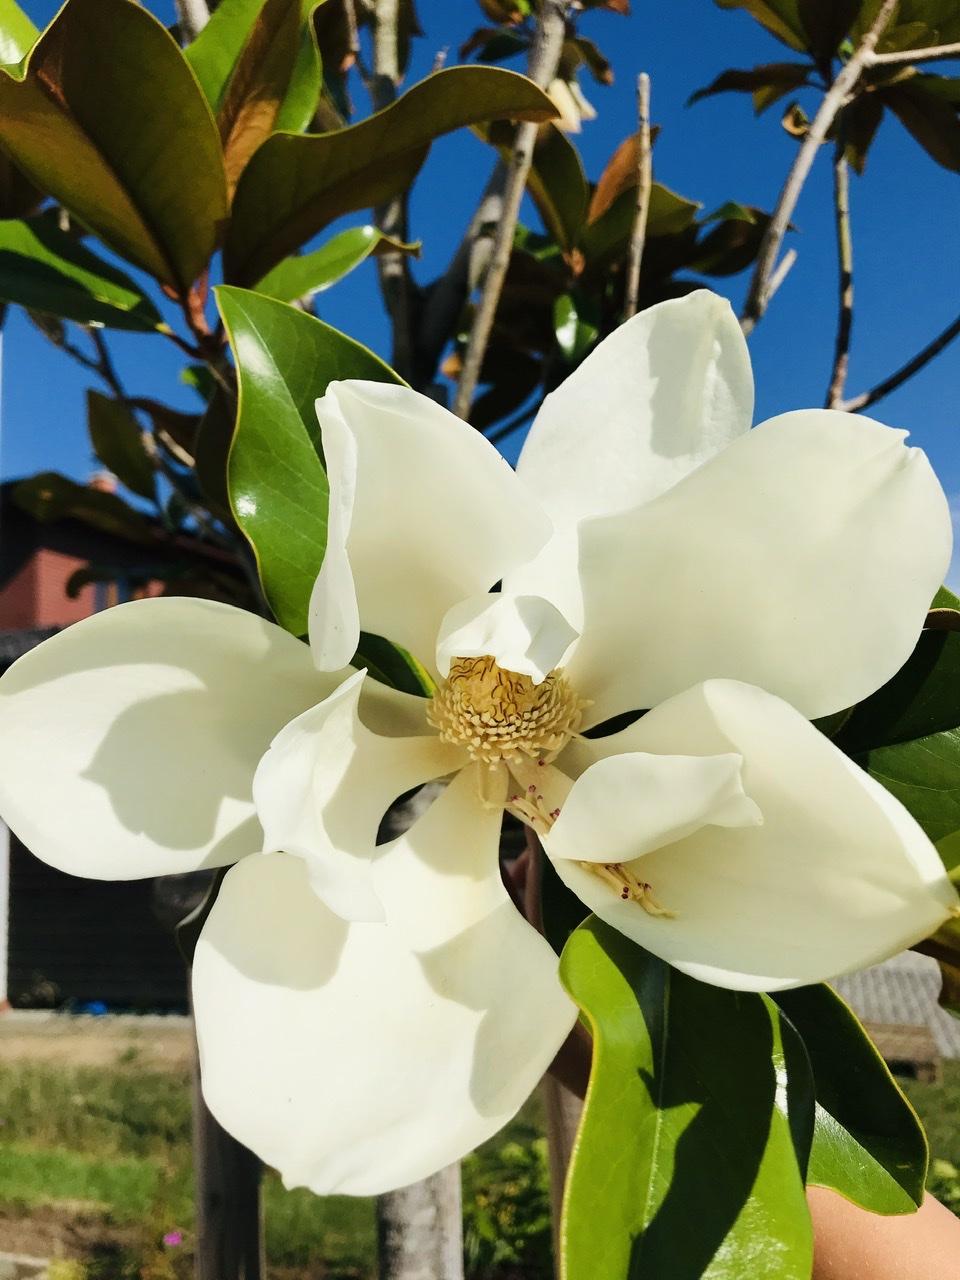 Naše L-ko - začiatok 4. roku bývania - Letná kvitnúca magnolia - kvietky asi 25 cm